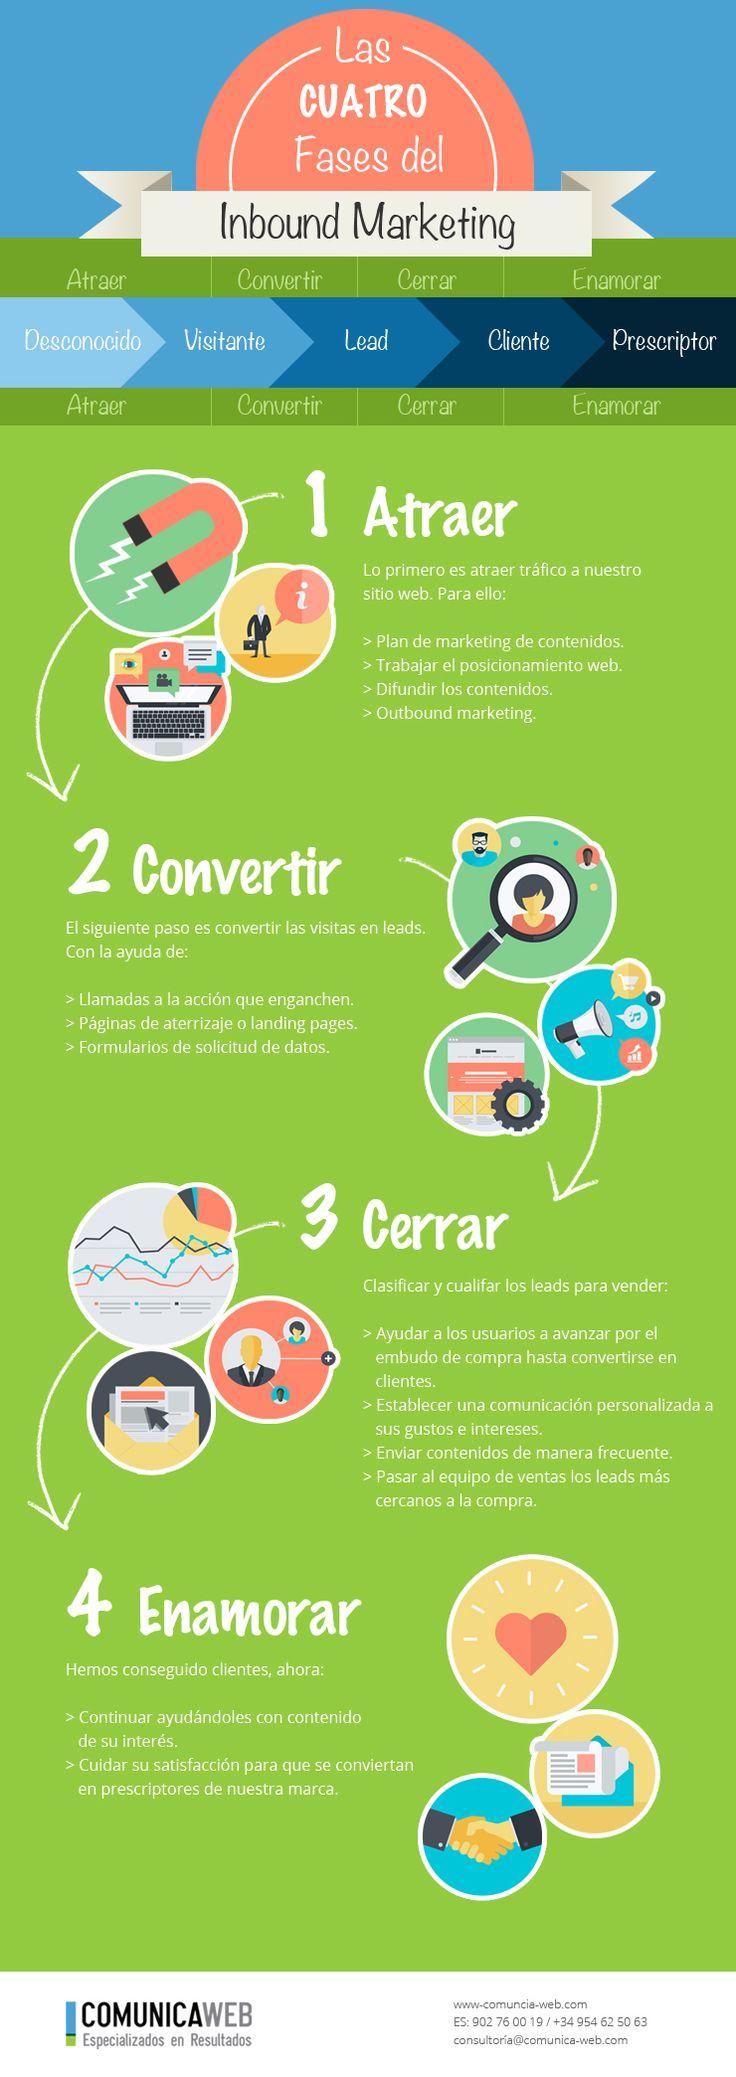 Las 4 fases del Inbound Marketing. Infografía en español. #CommunityManager